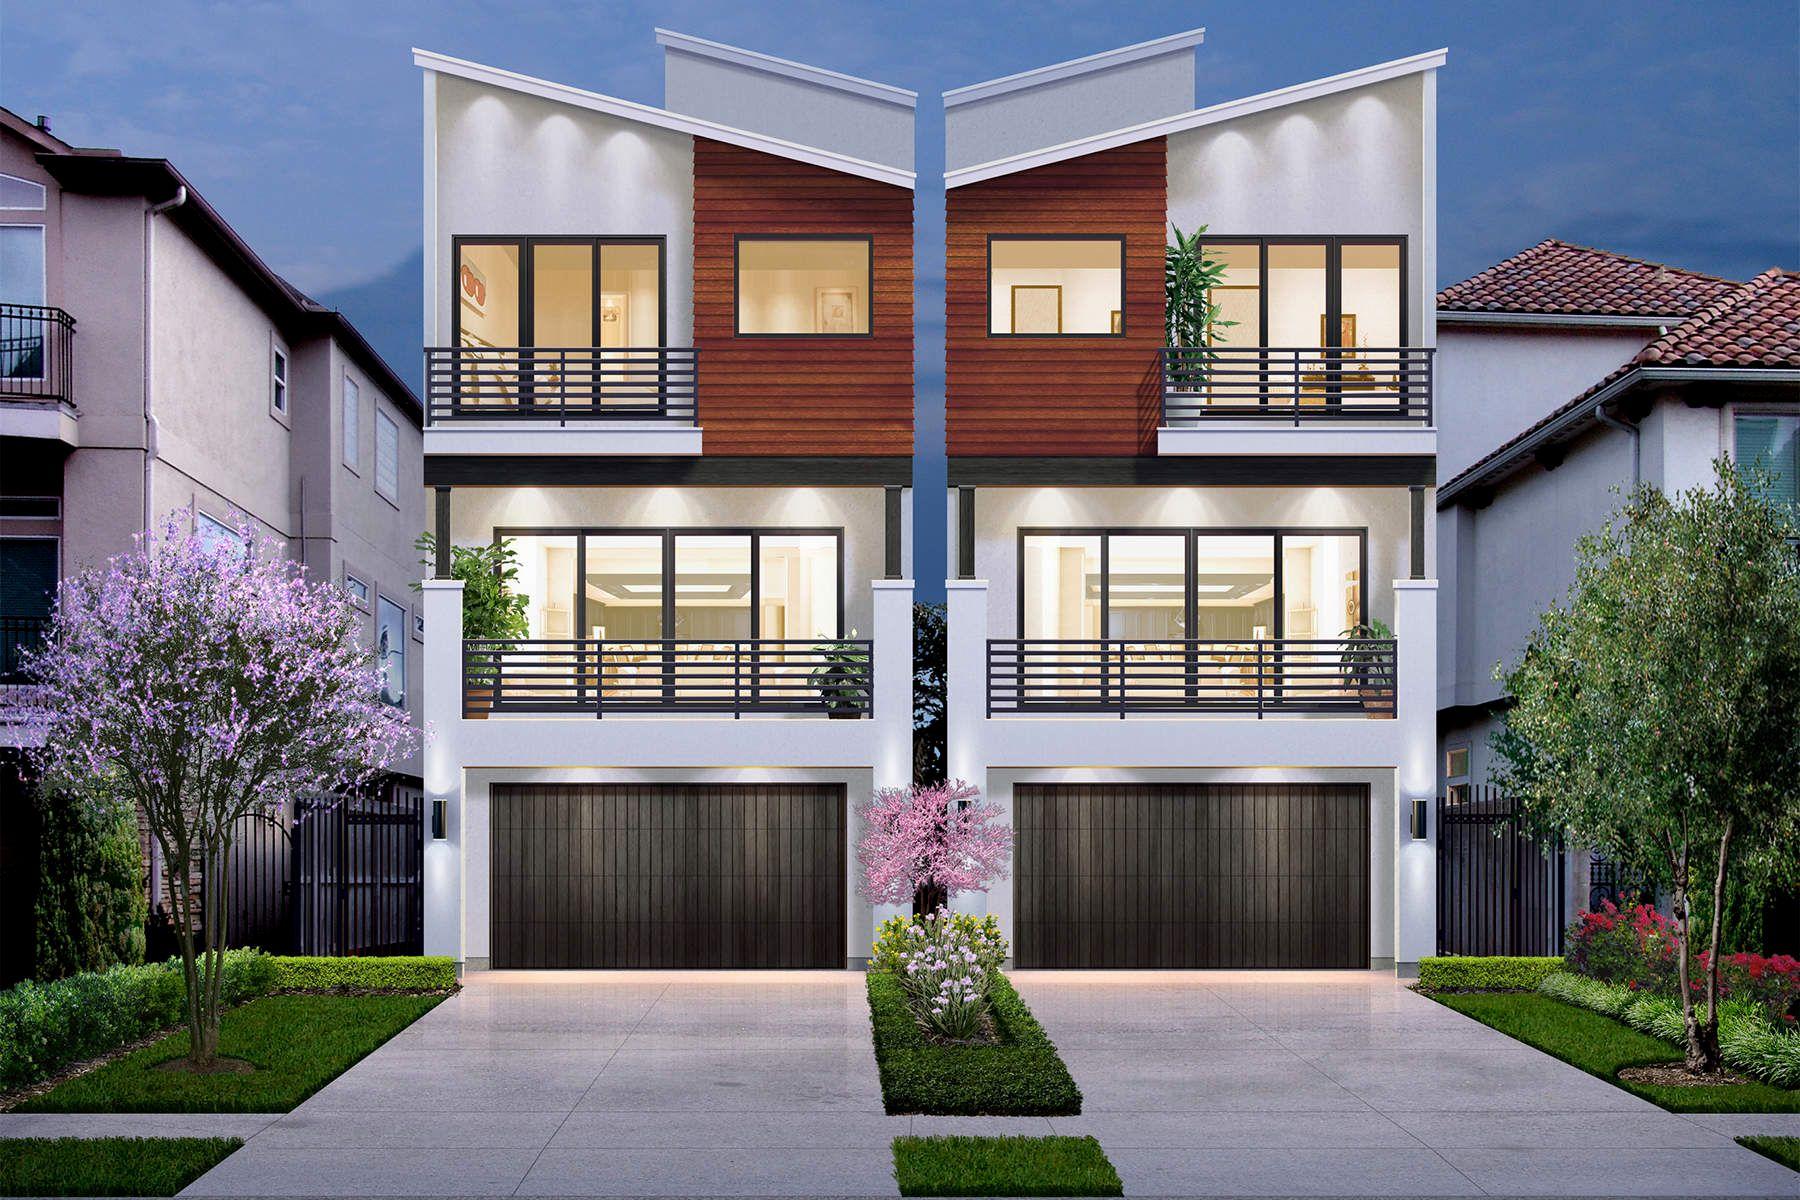 独户住宅 为 销售 在 6510 Taggart Street 6510 Taggart Street Unit B, 休斯顿, 得克萨斯州, 77007 美国